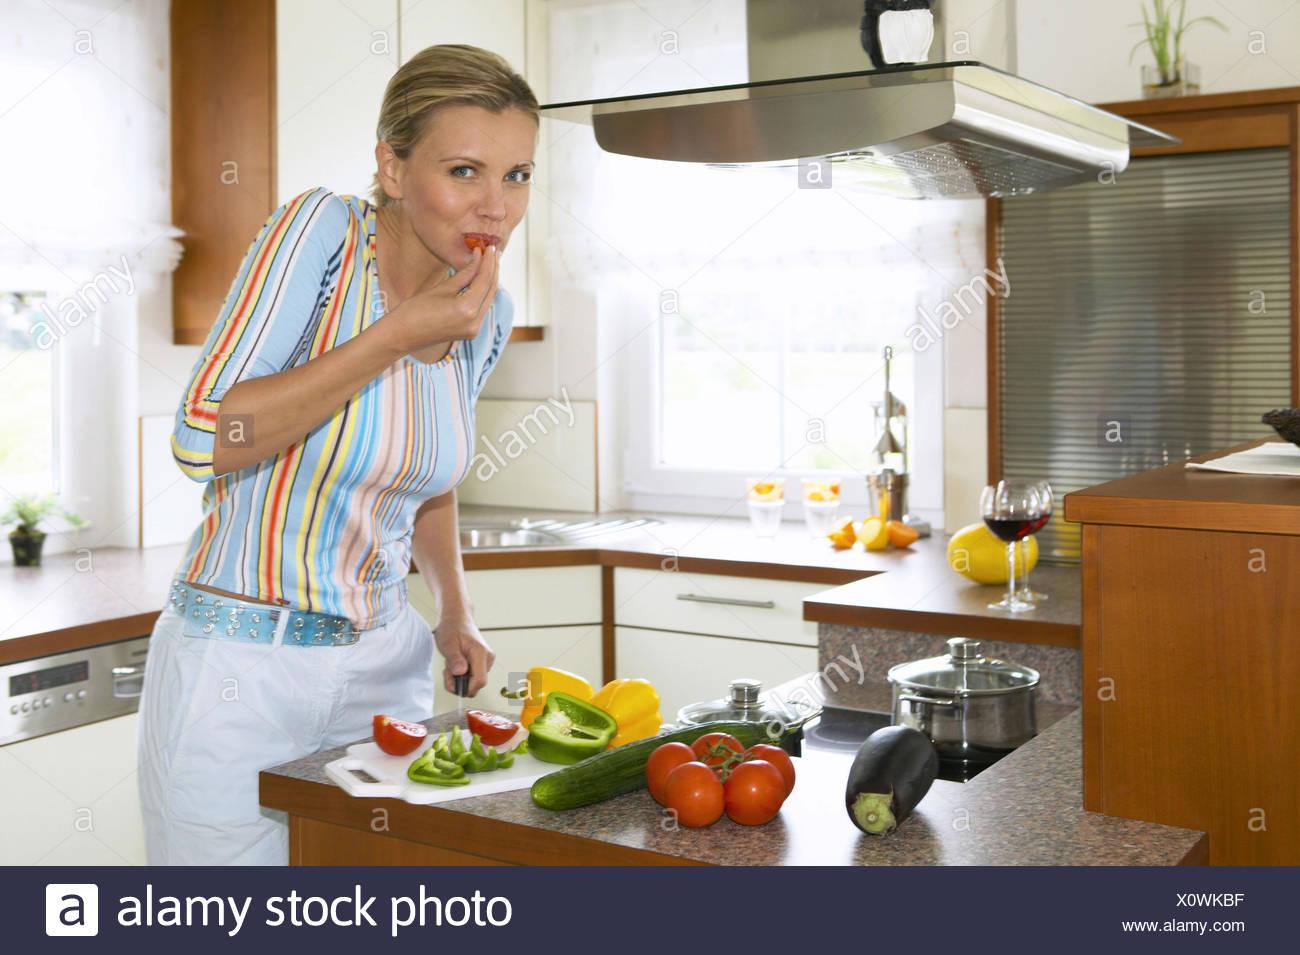 Cucina, donna, sorriso, tagliare la paprica, pomodoro, nibble, metà ...